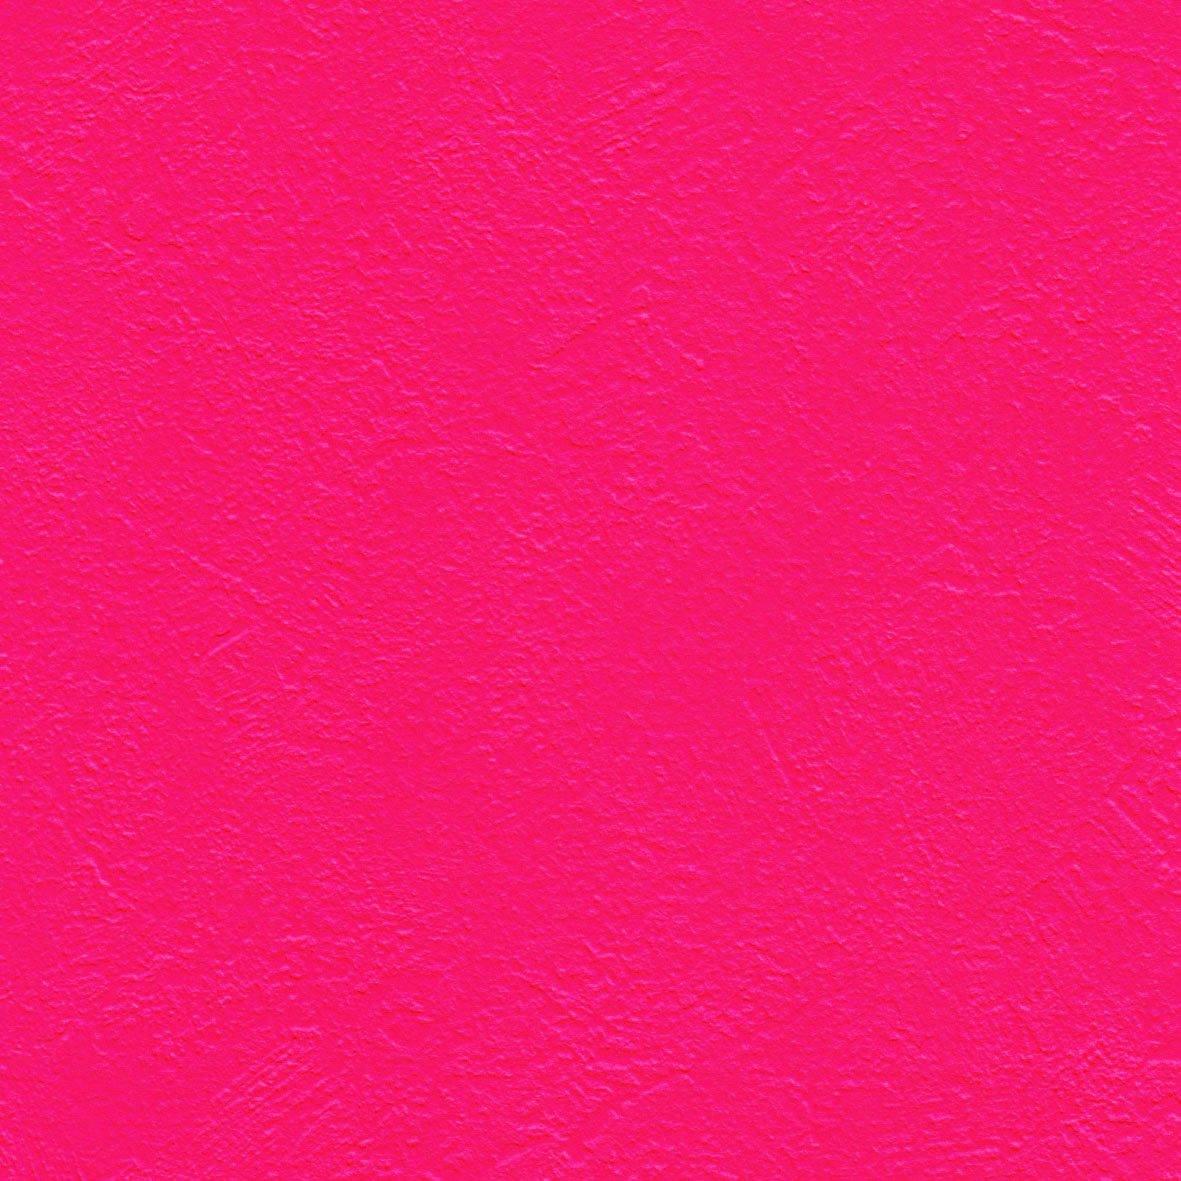 リリカラ 壁紙40m シンフル 石目調 ピンク LL-8238 B01MTK2VED 40m|ピンク2